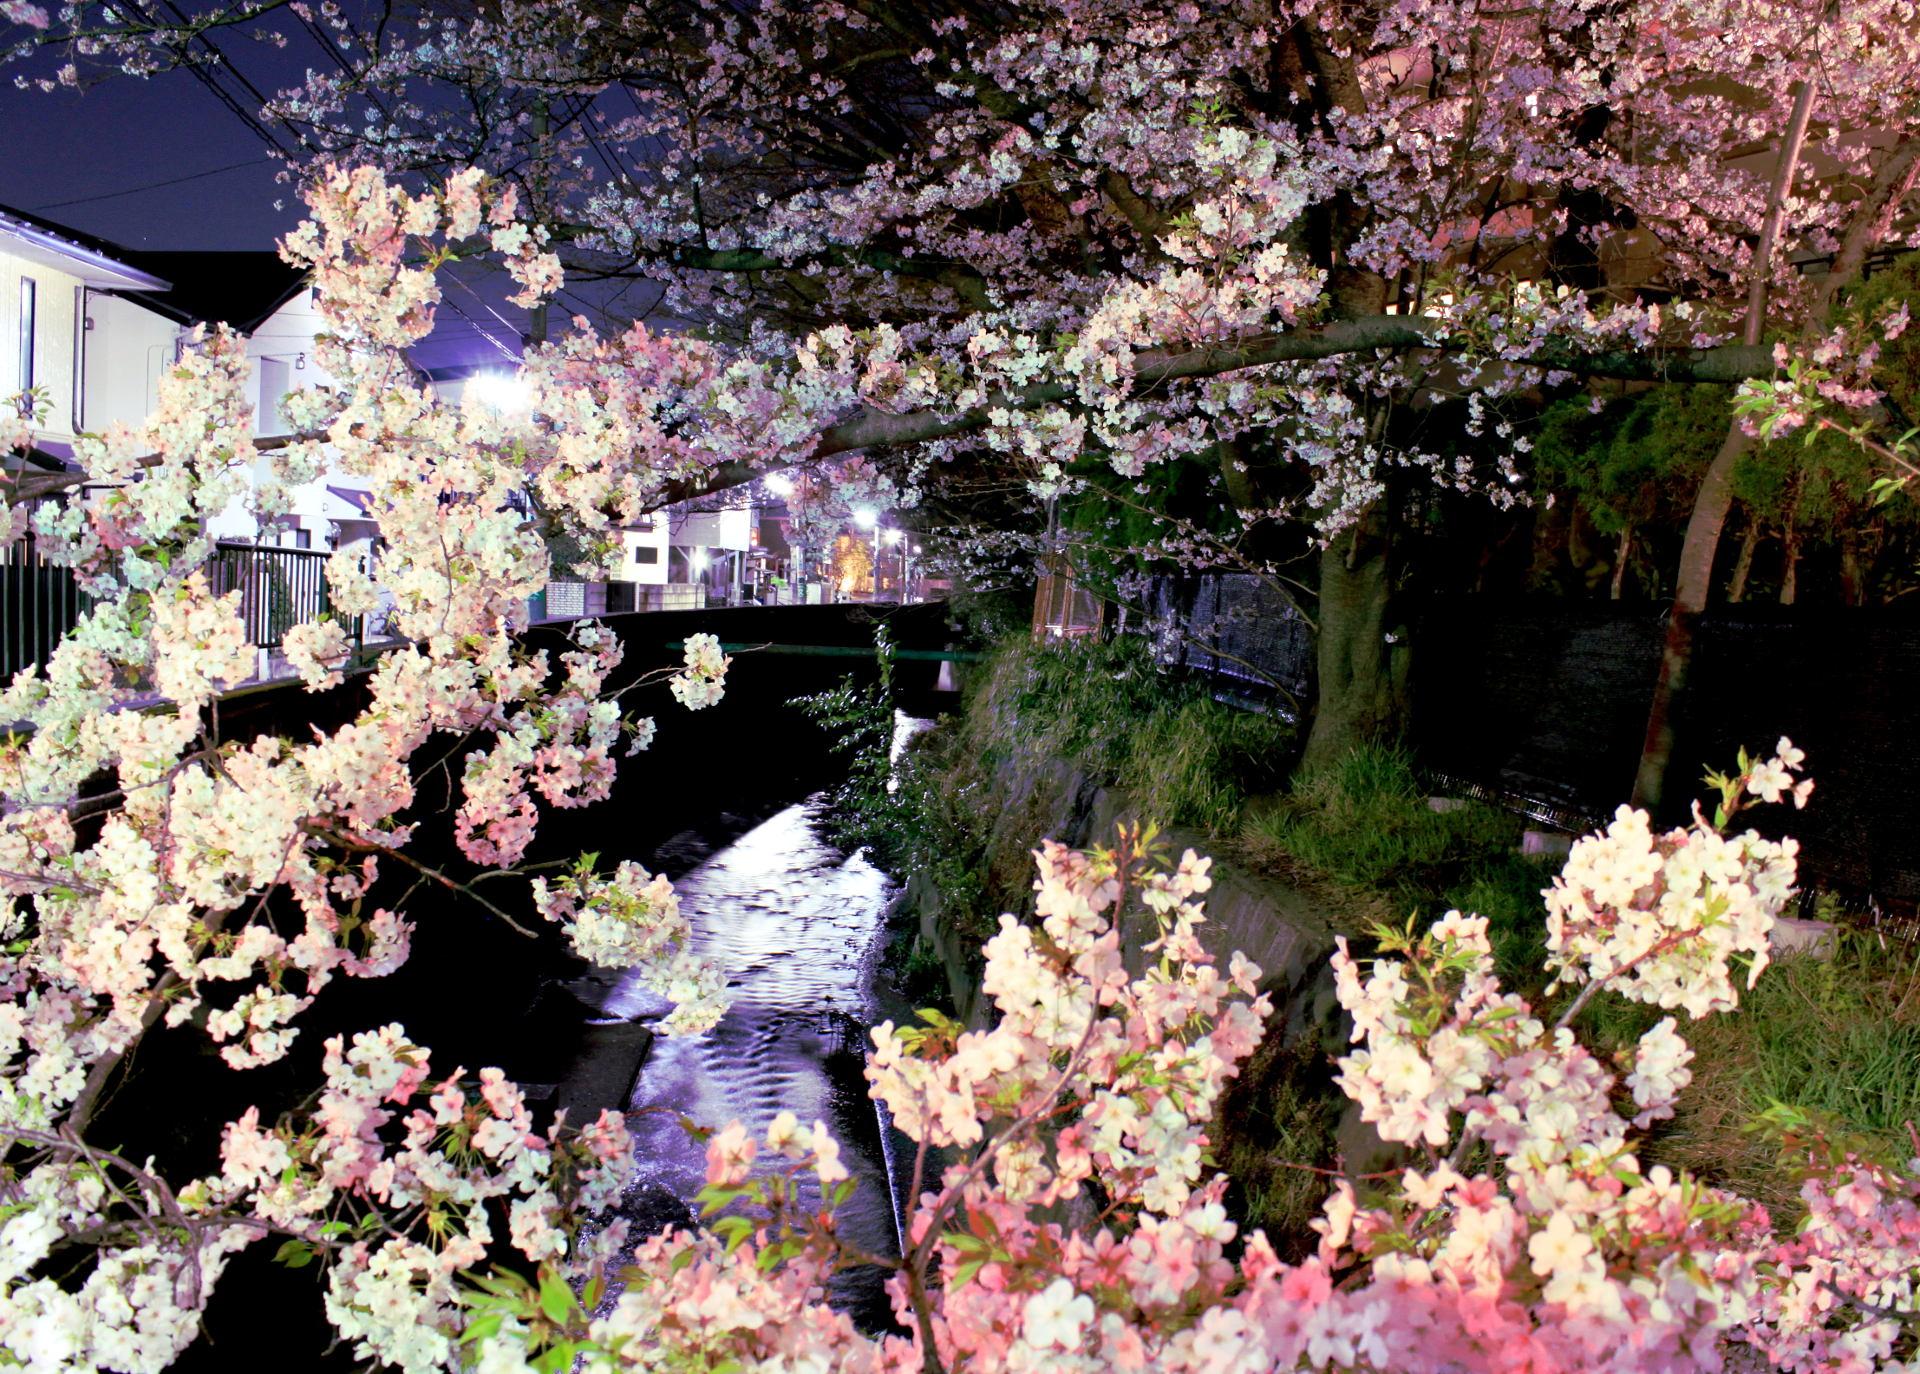 tokio japonia tokyo japan park kwitnacawisnia kwiaty cherryblossom hanami sakura springinjapan wiosnawjaponii iglawpodrozy cherryblossombynight